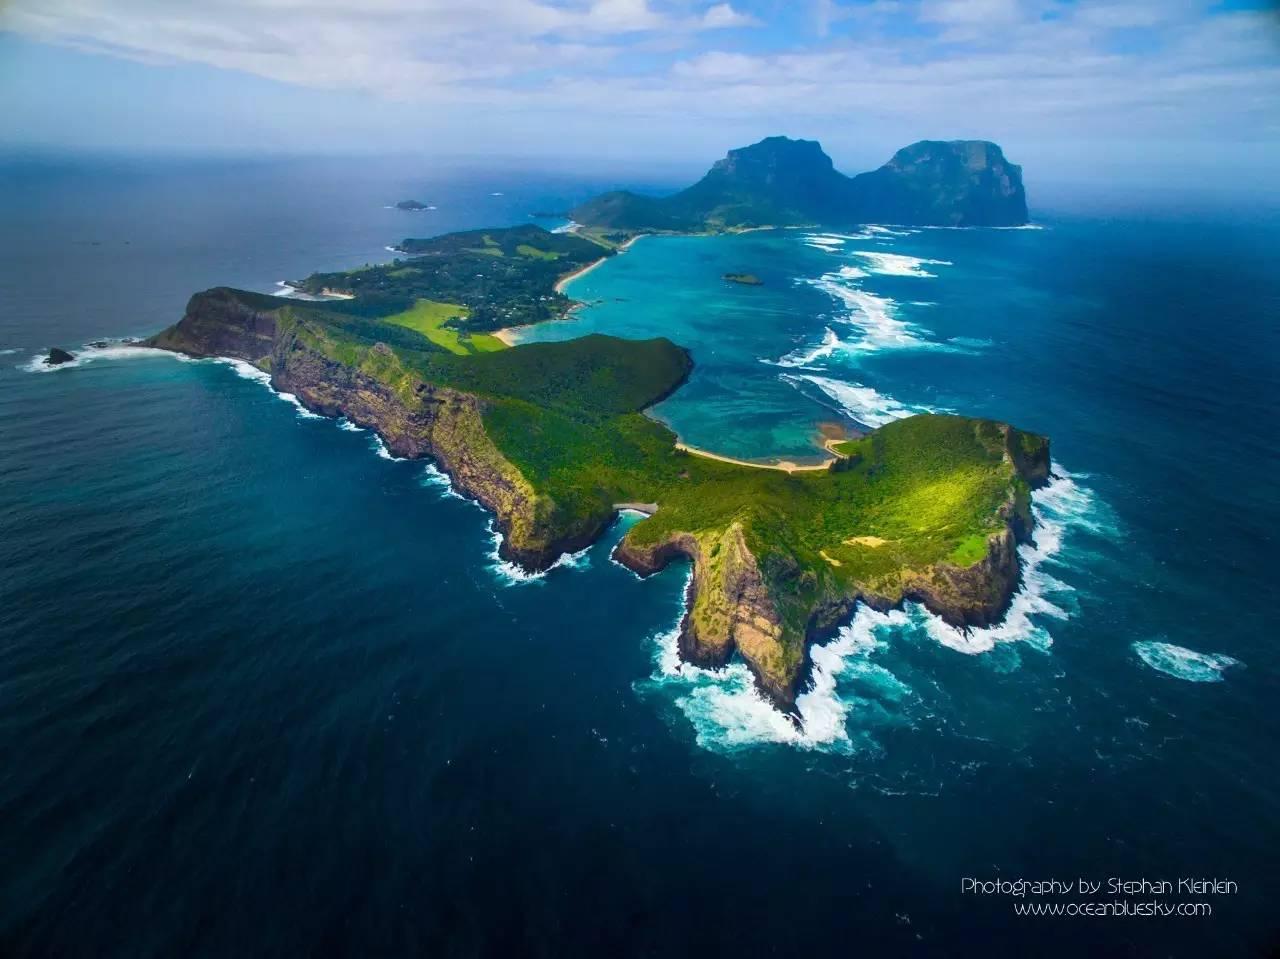 她与大堡礁和乌鲁鲁齐名,却是鲜为人知的澳洲最美小岛